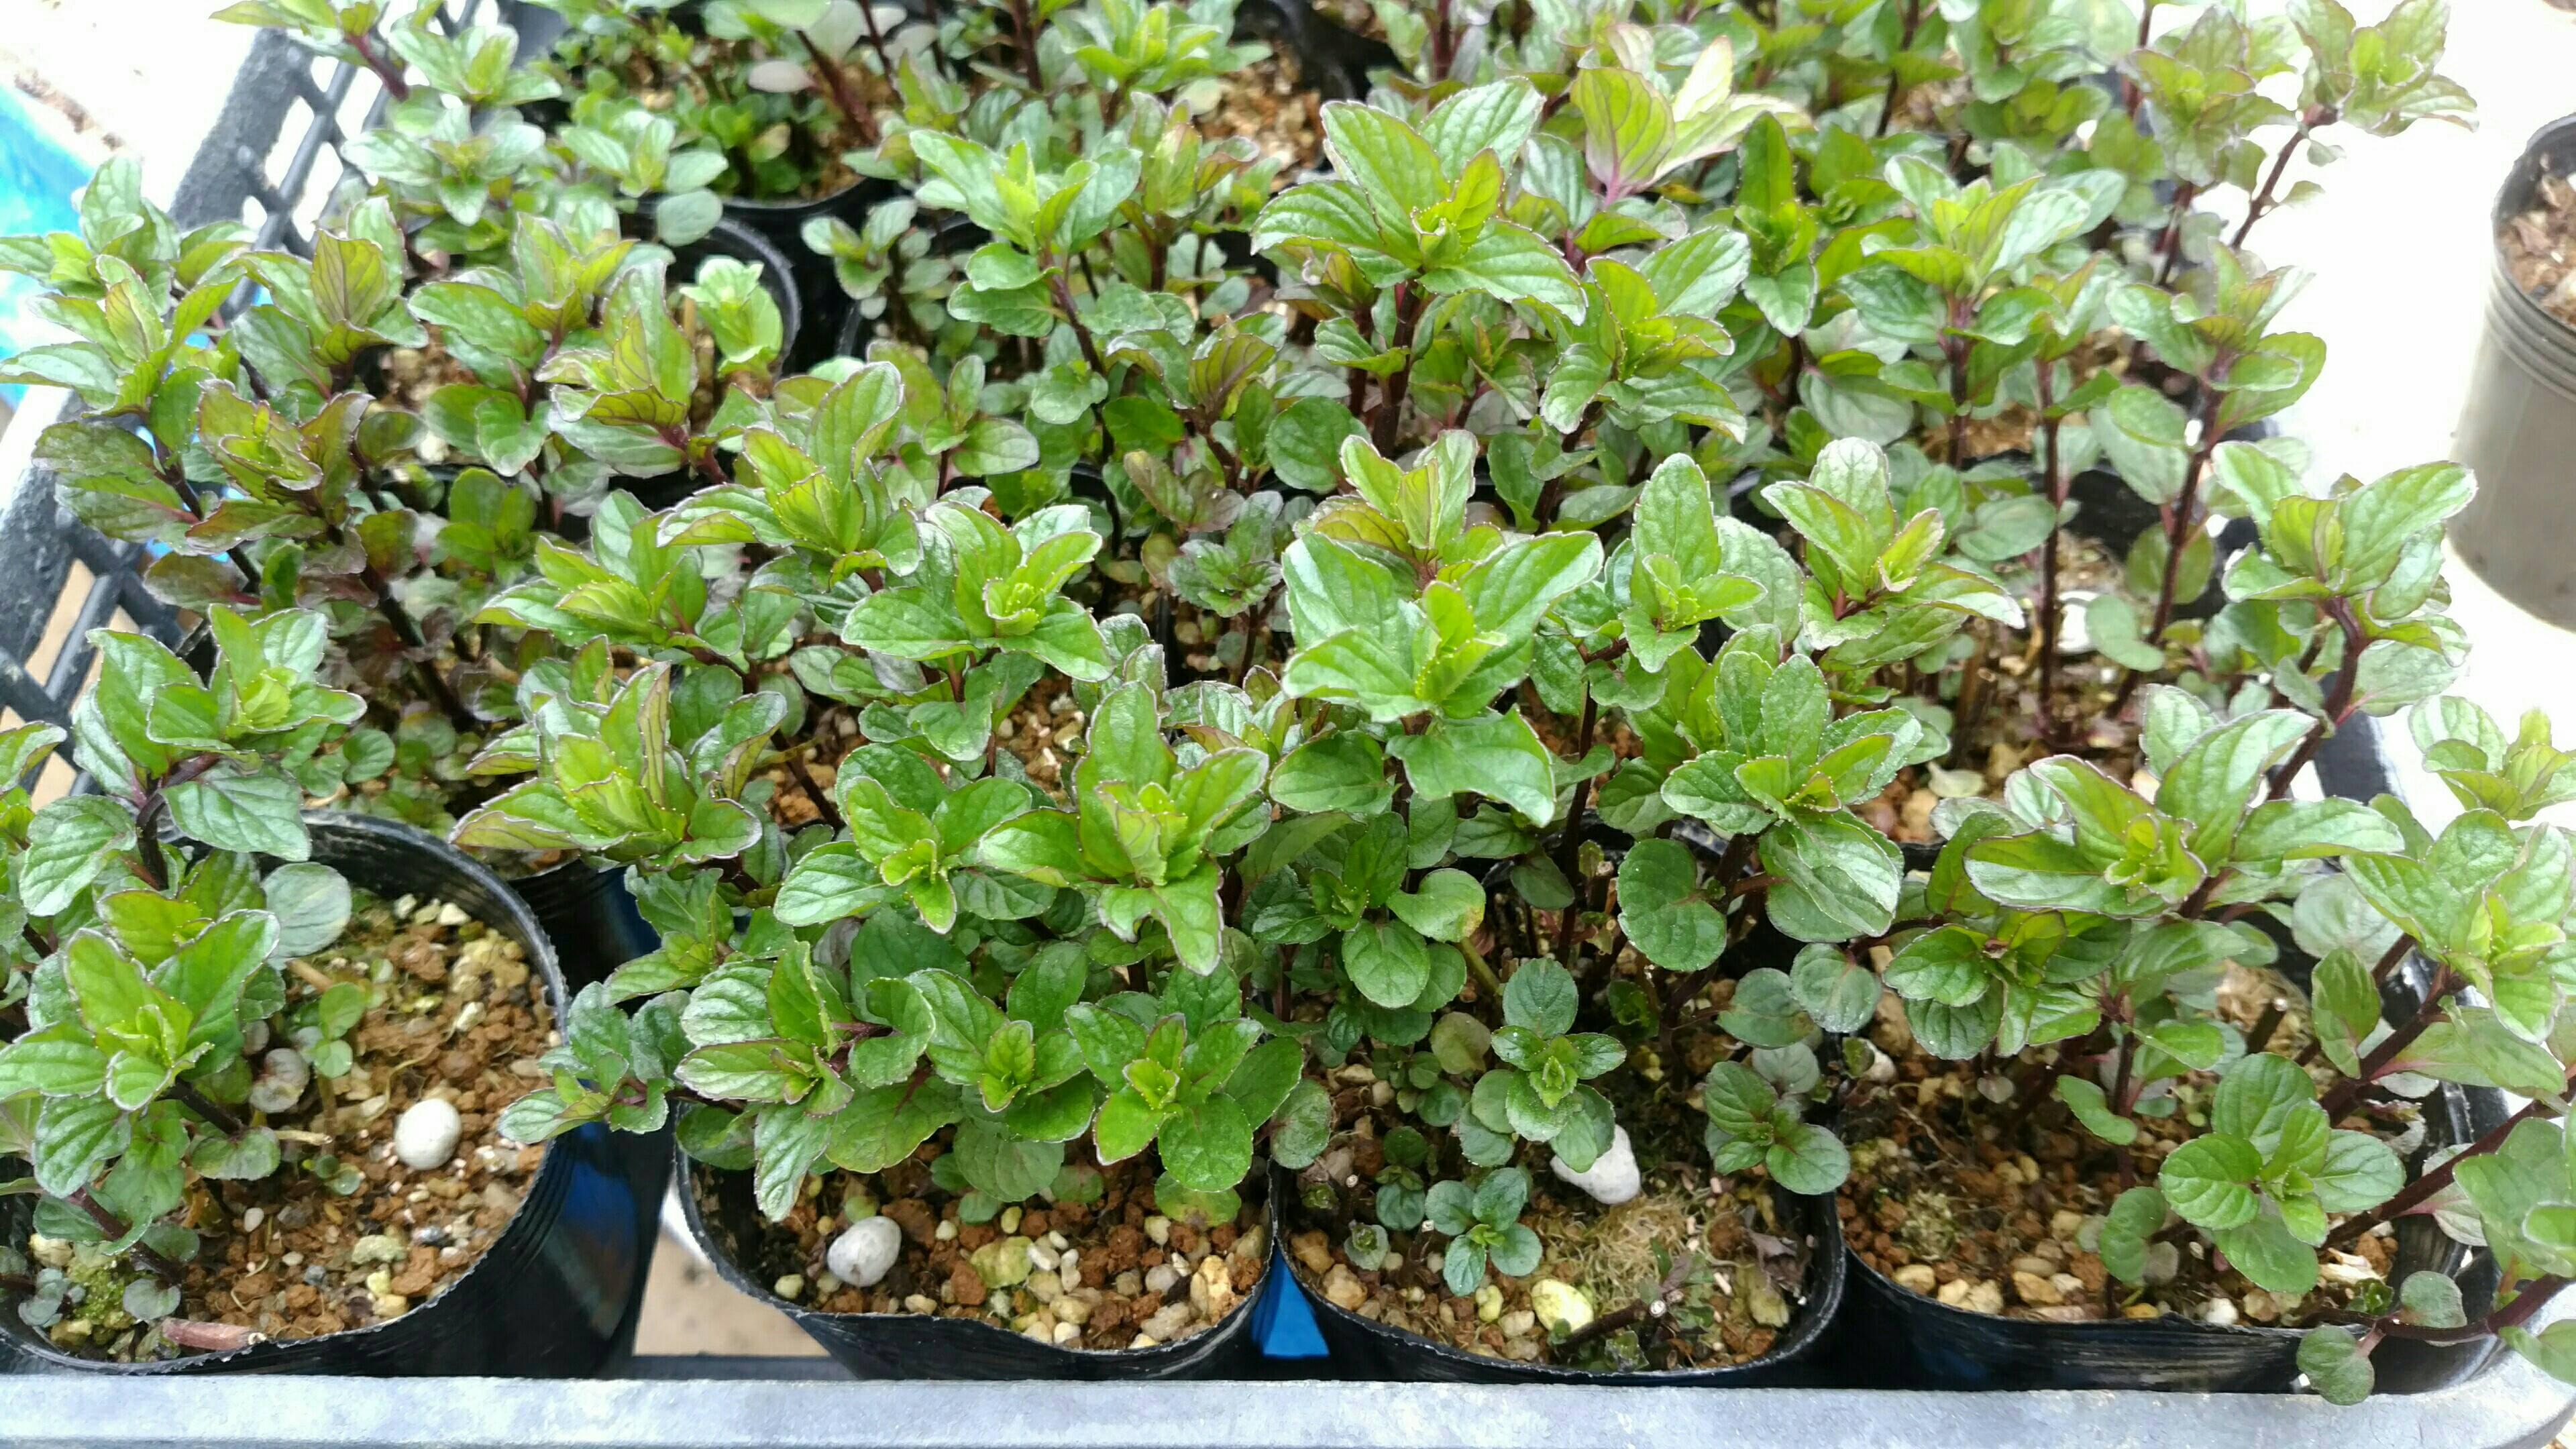 イエルバブエナの苗(モヒート用)と栽培